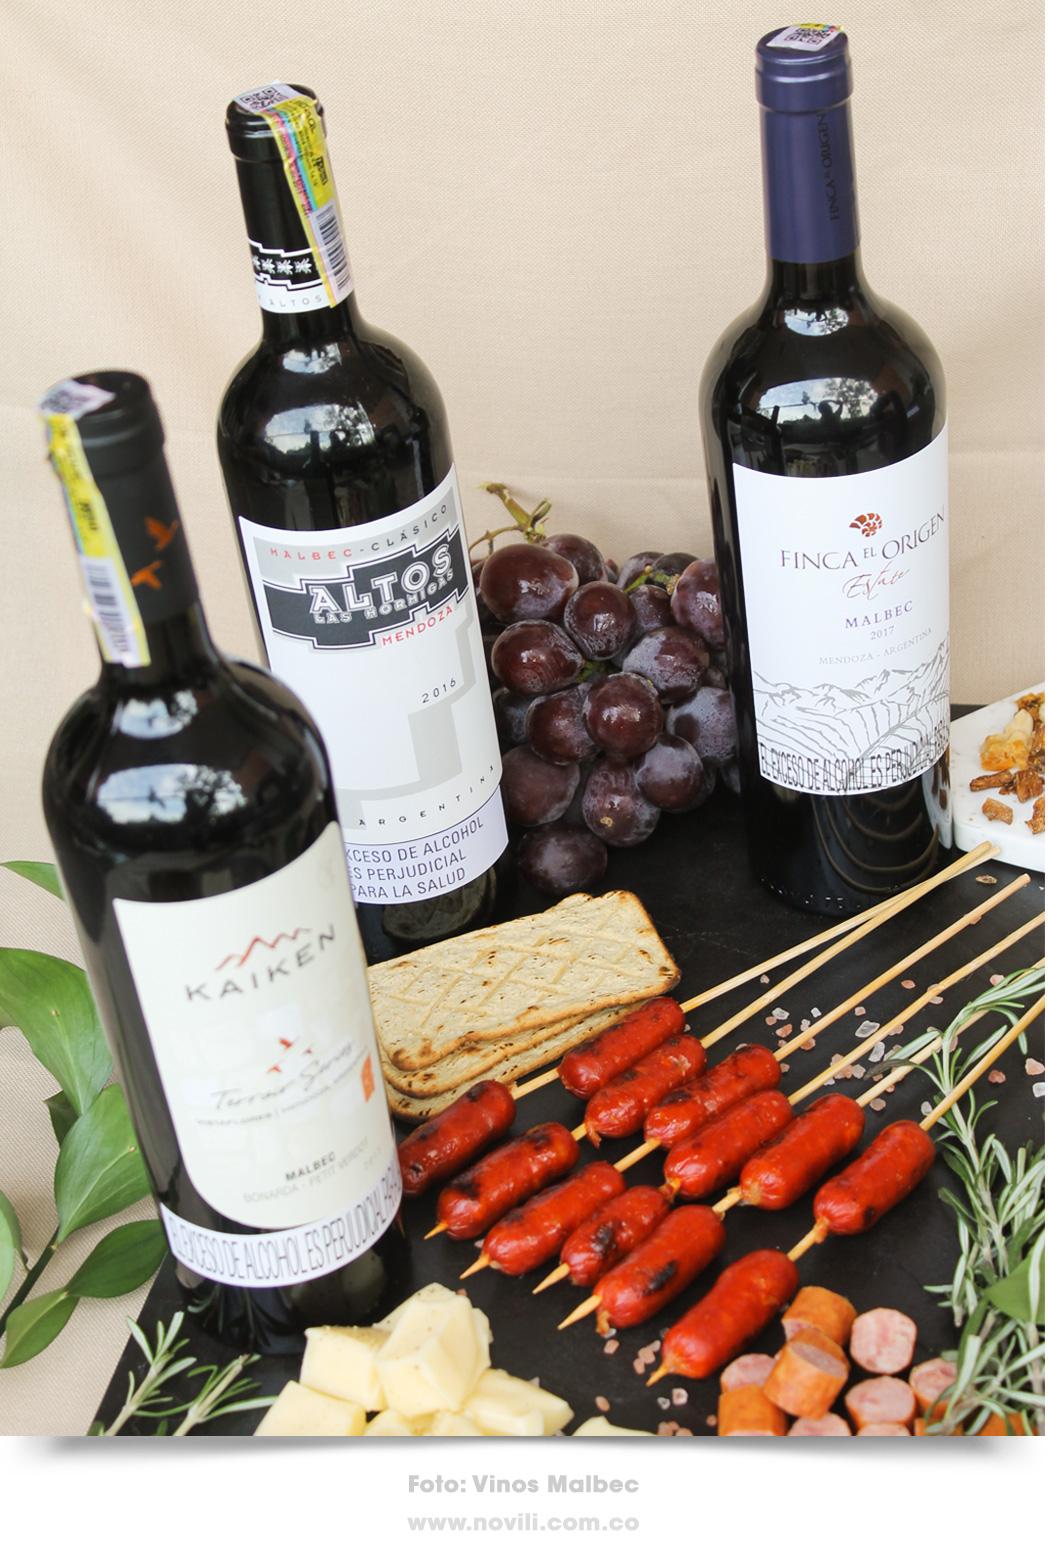 Vinos Malbec, perfectos para acompañar